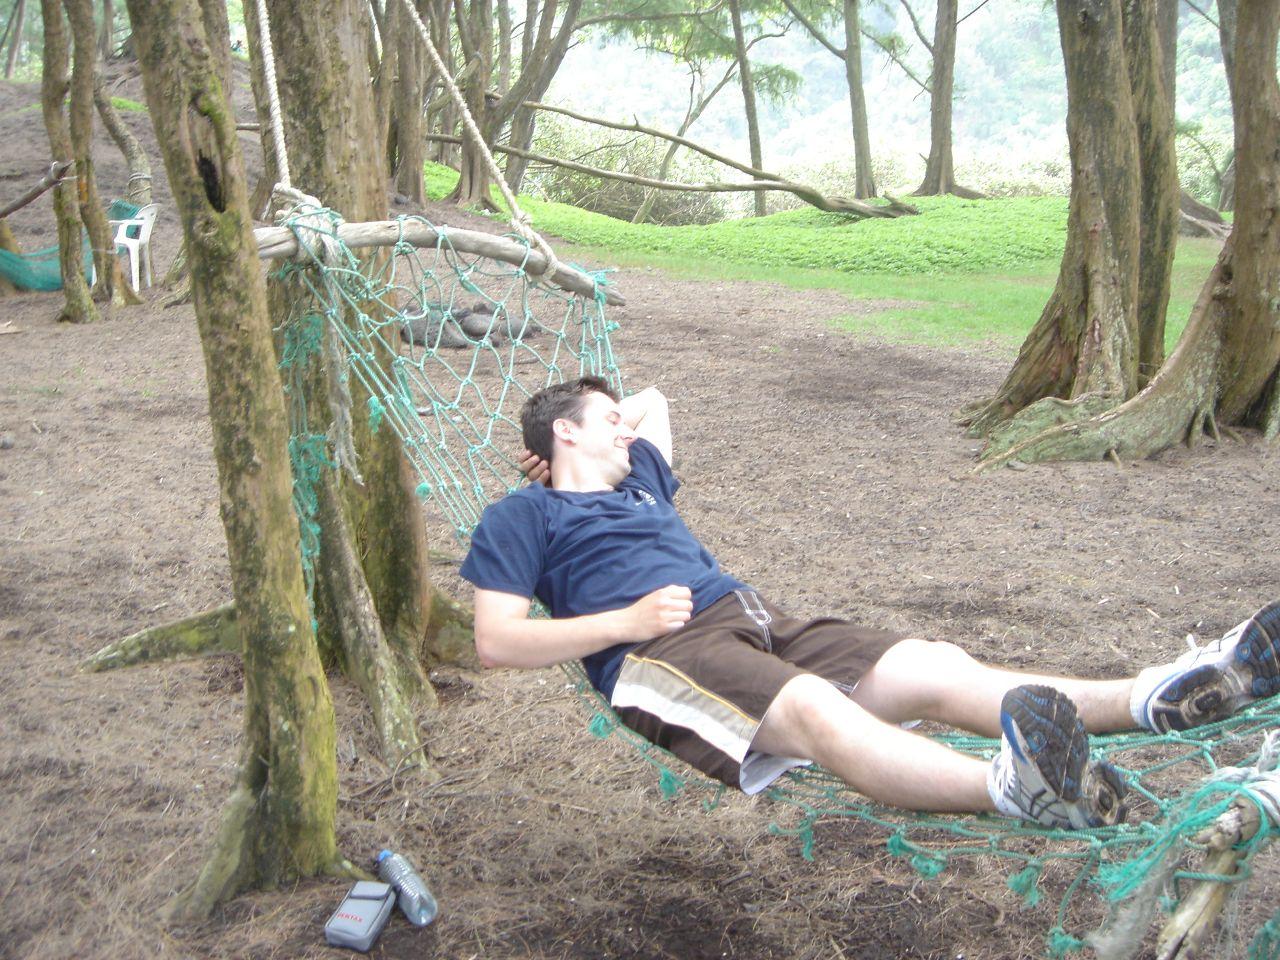 Relaxing in a hammock - Hawaii